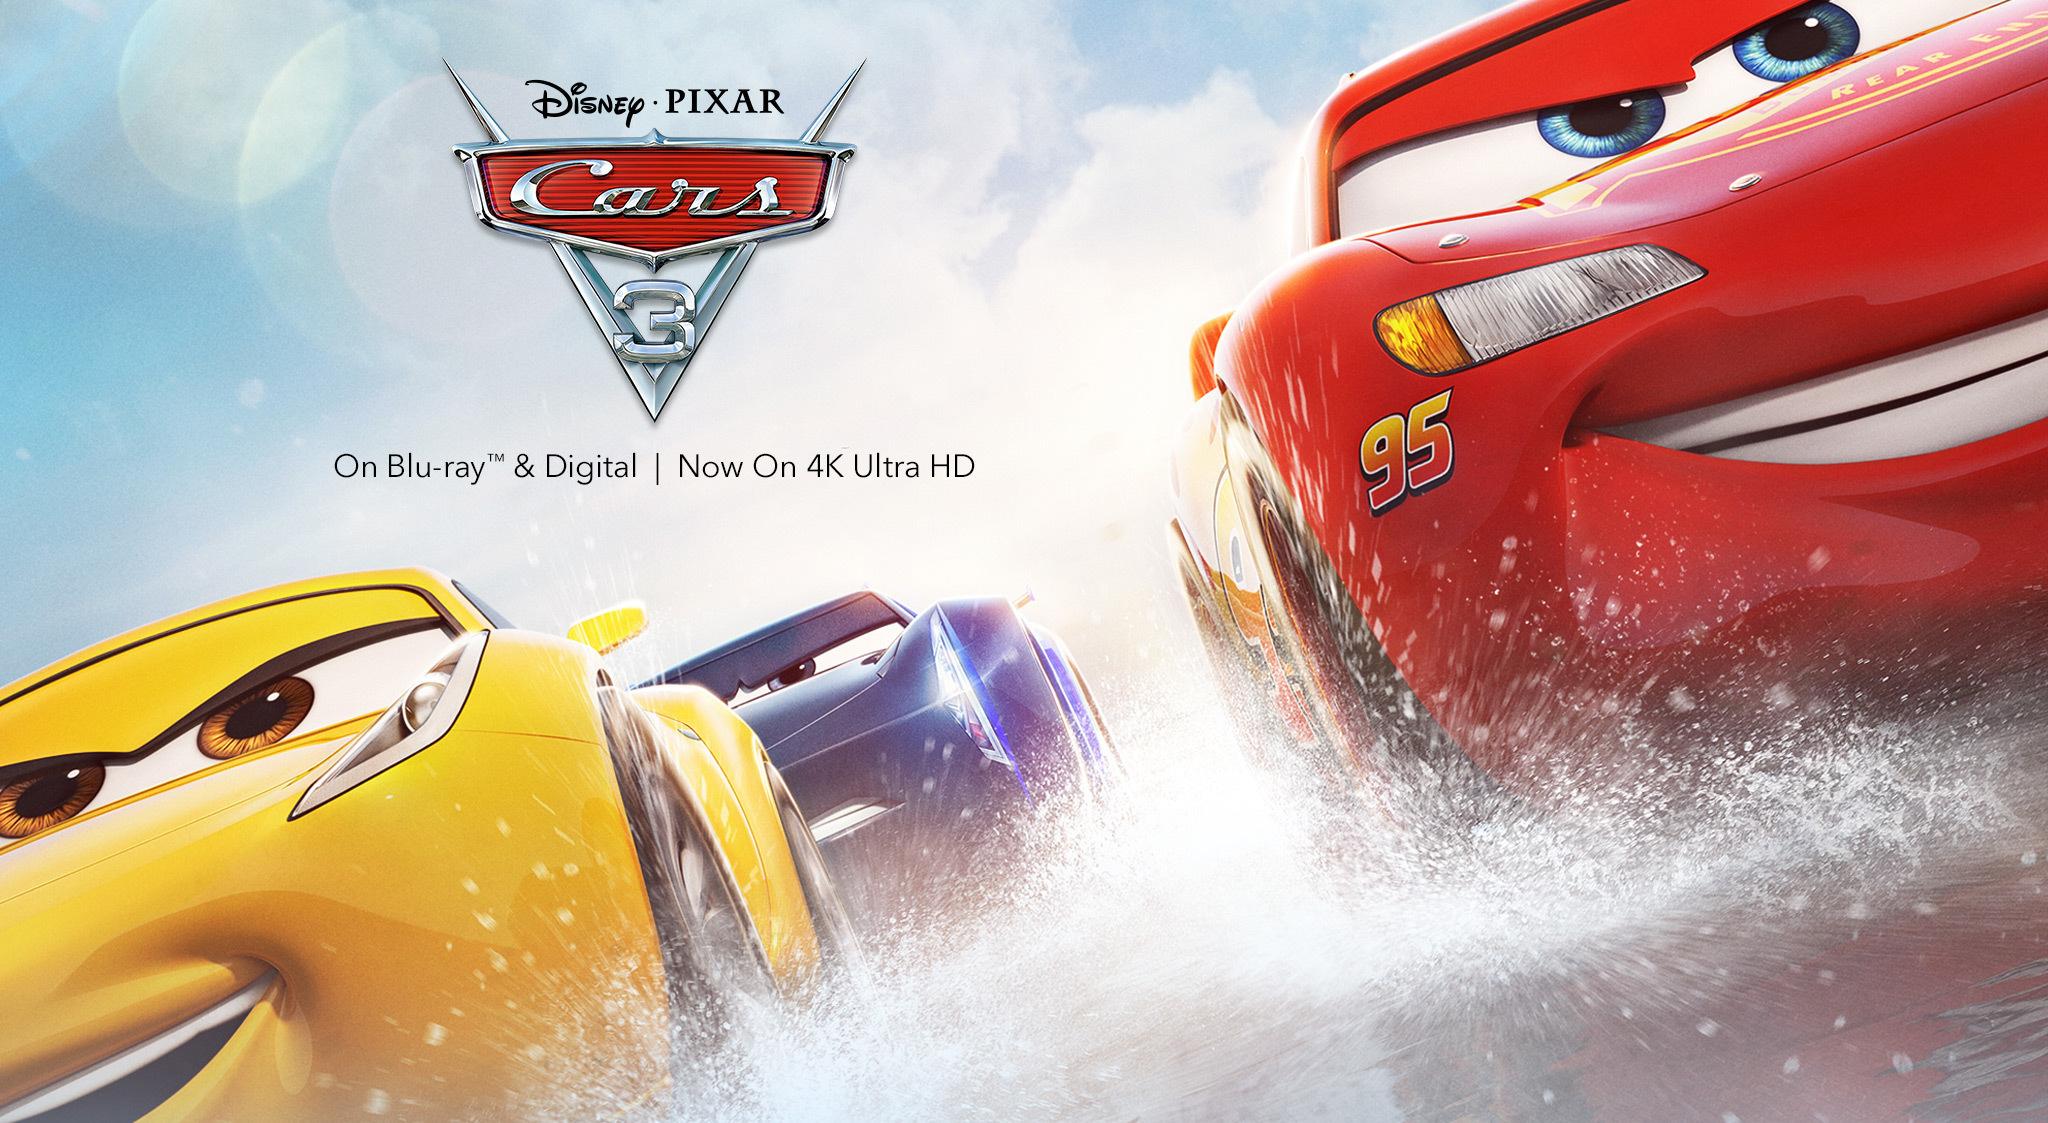 Cars 3 - HD film rental £1.99 for Amazon Prime members